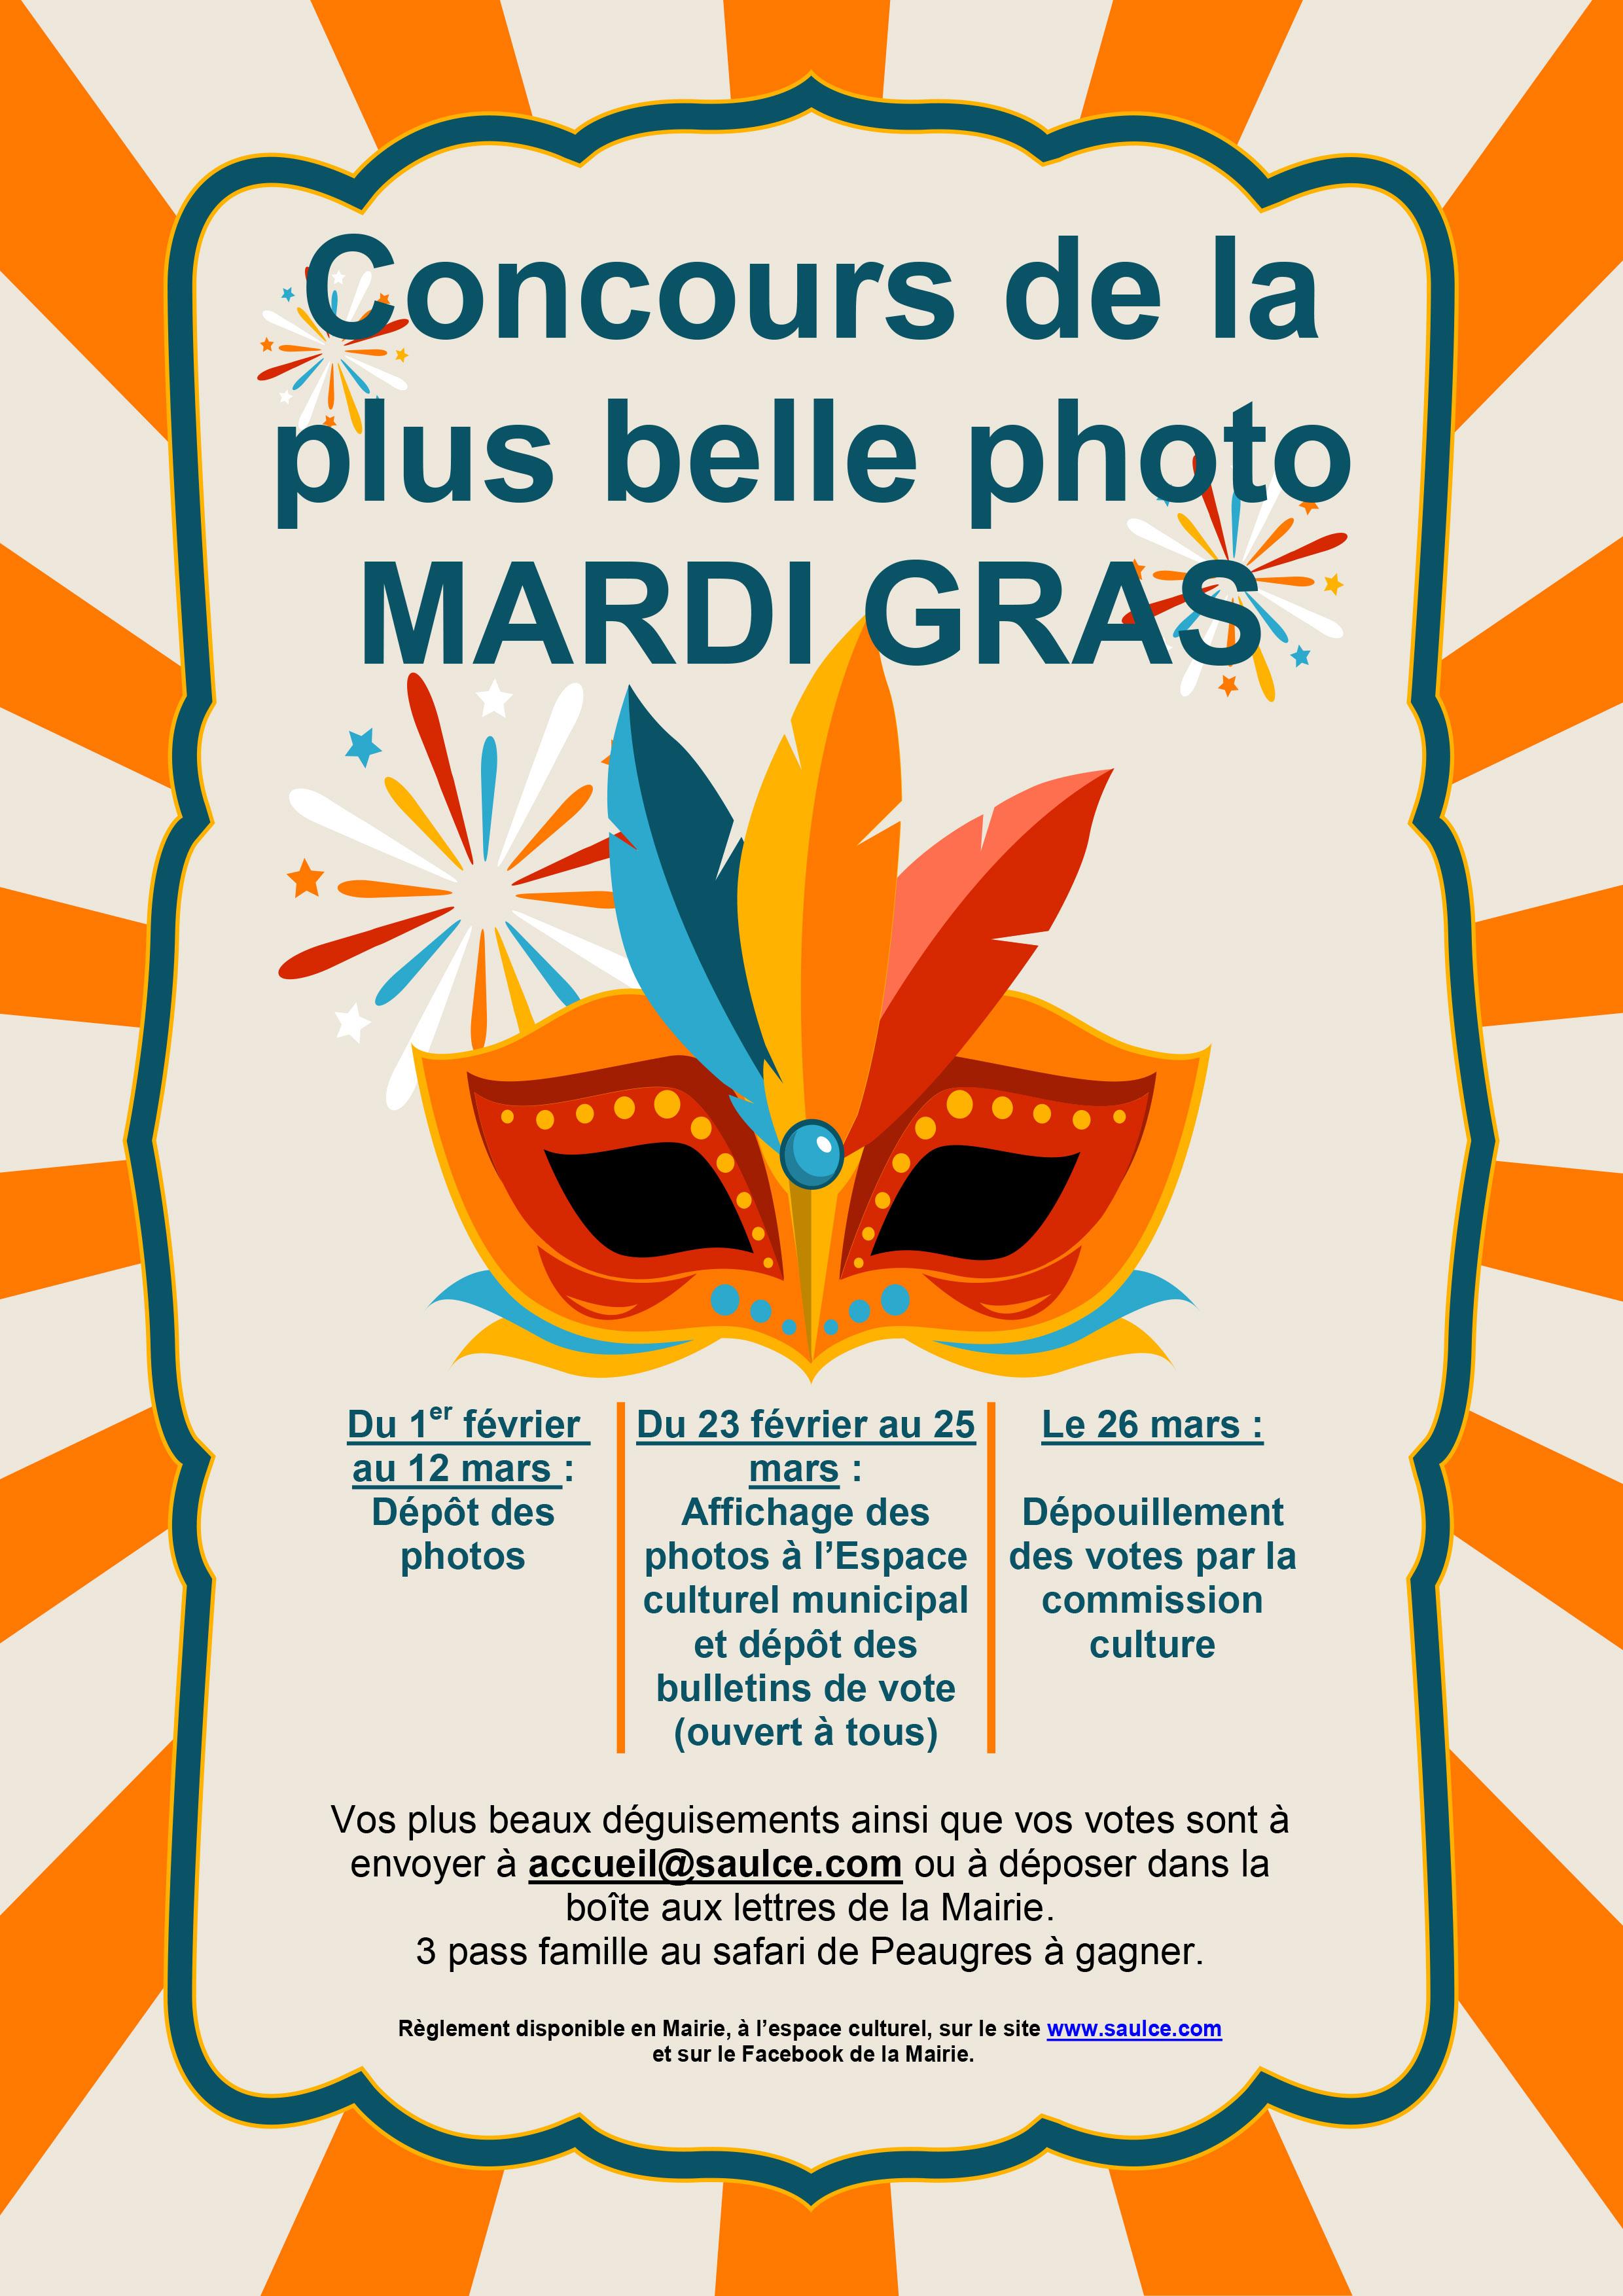 Concours photo mardi gras CORRIGE.jpg